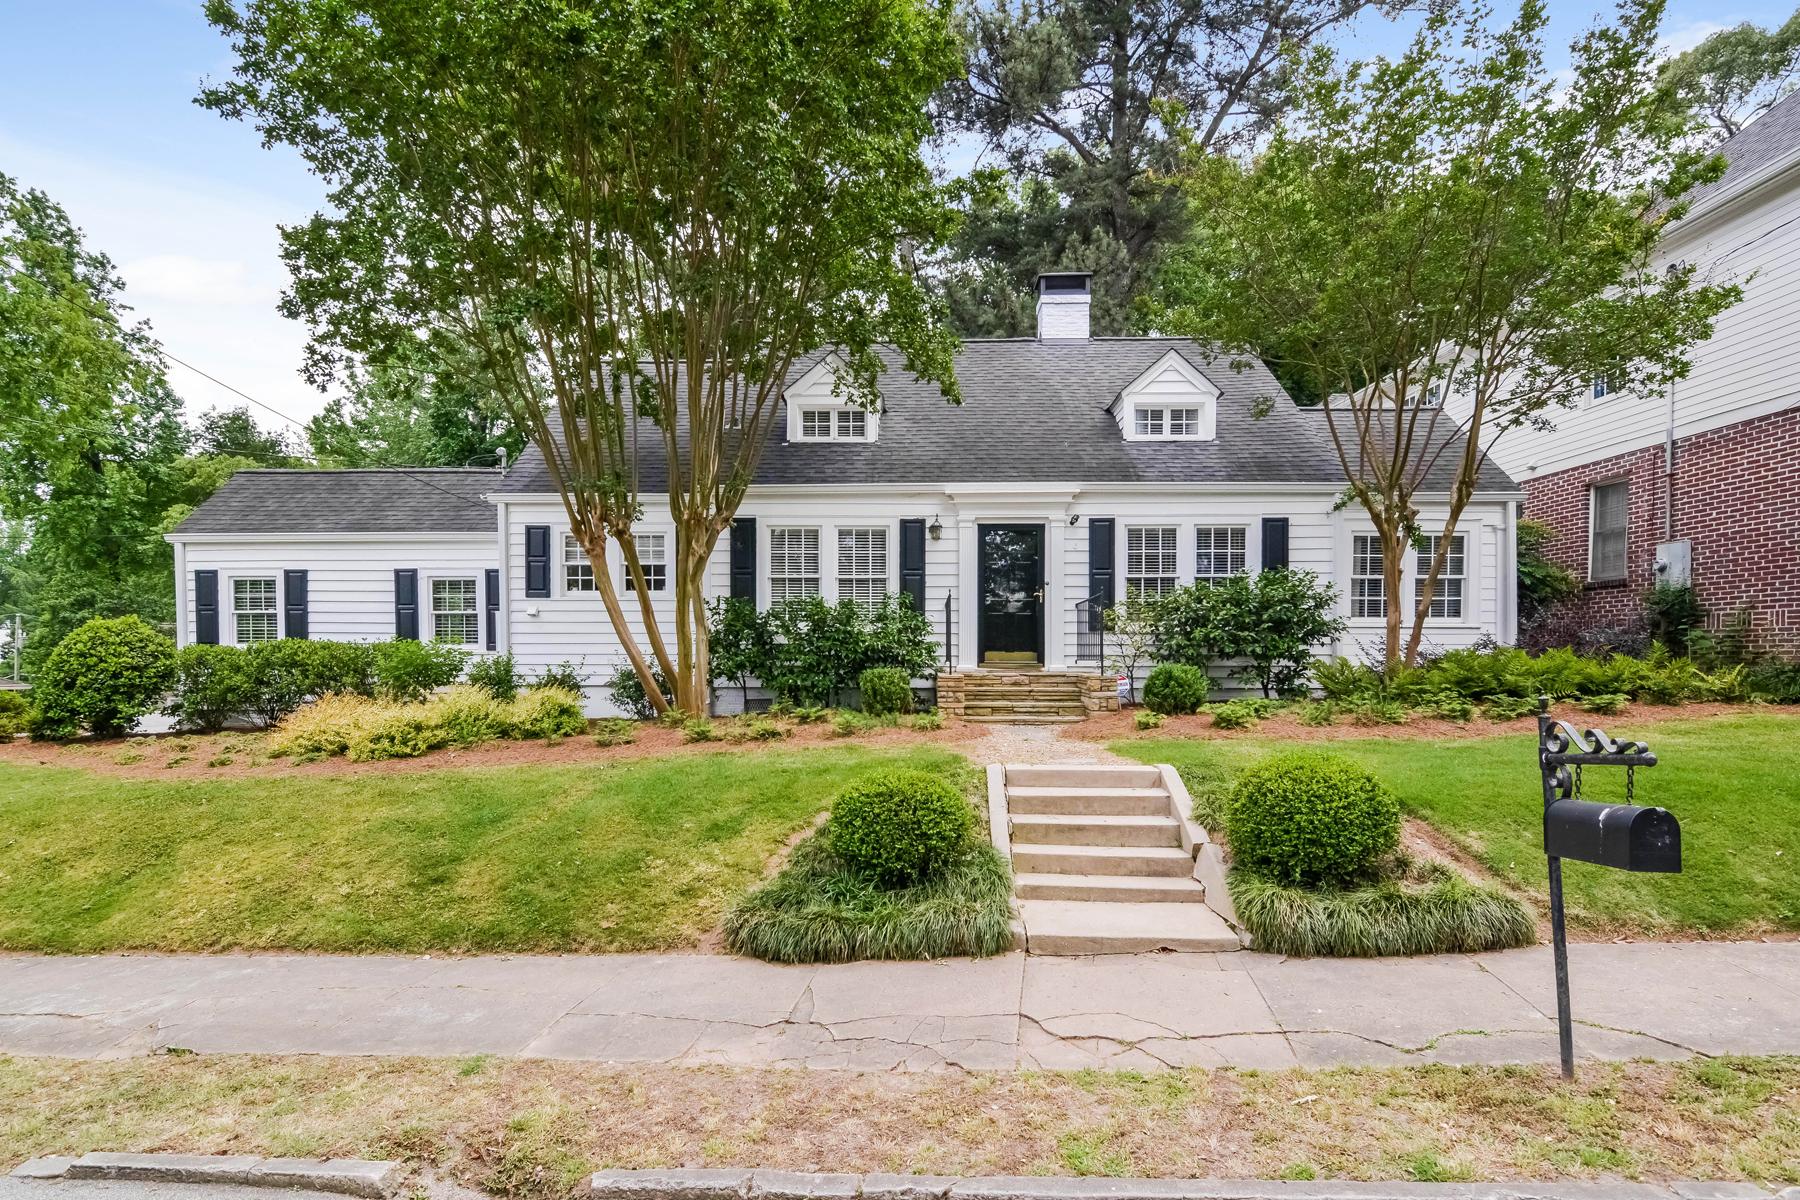 Single Family Home for Sale at Beautiful Buckhead Cape Cod 95 Highland Drive NE Peachtree Park, Atlanta, Georgia, 30305 United States